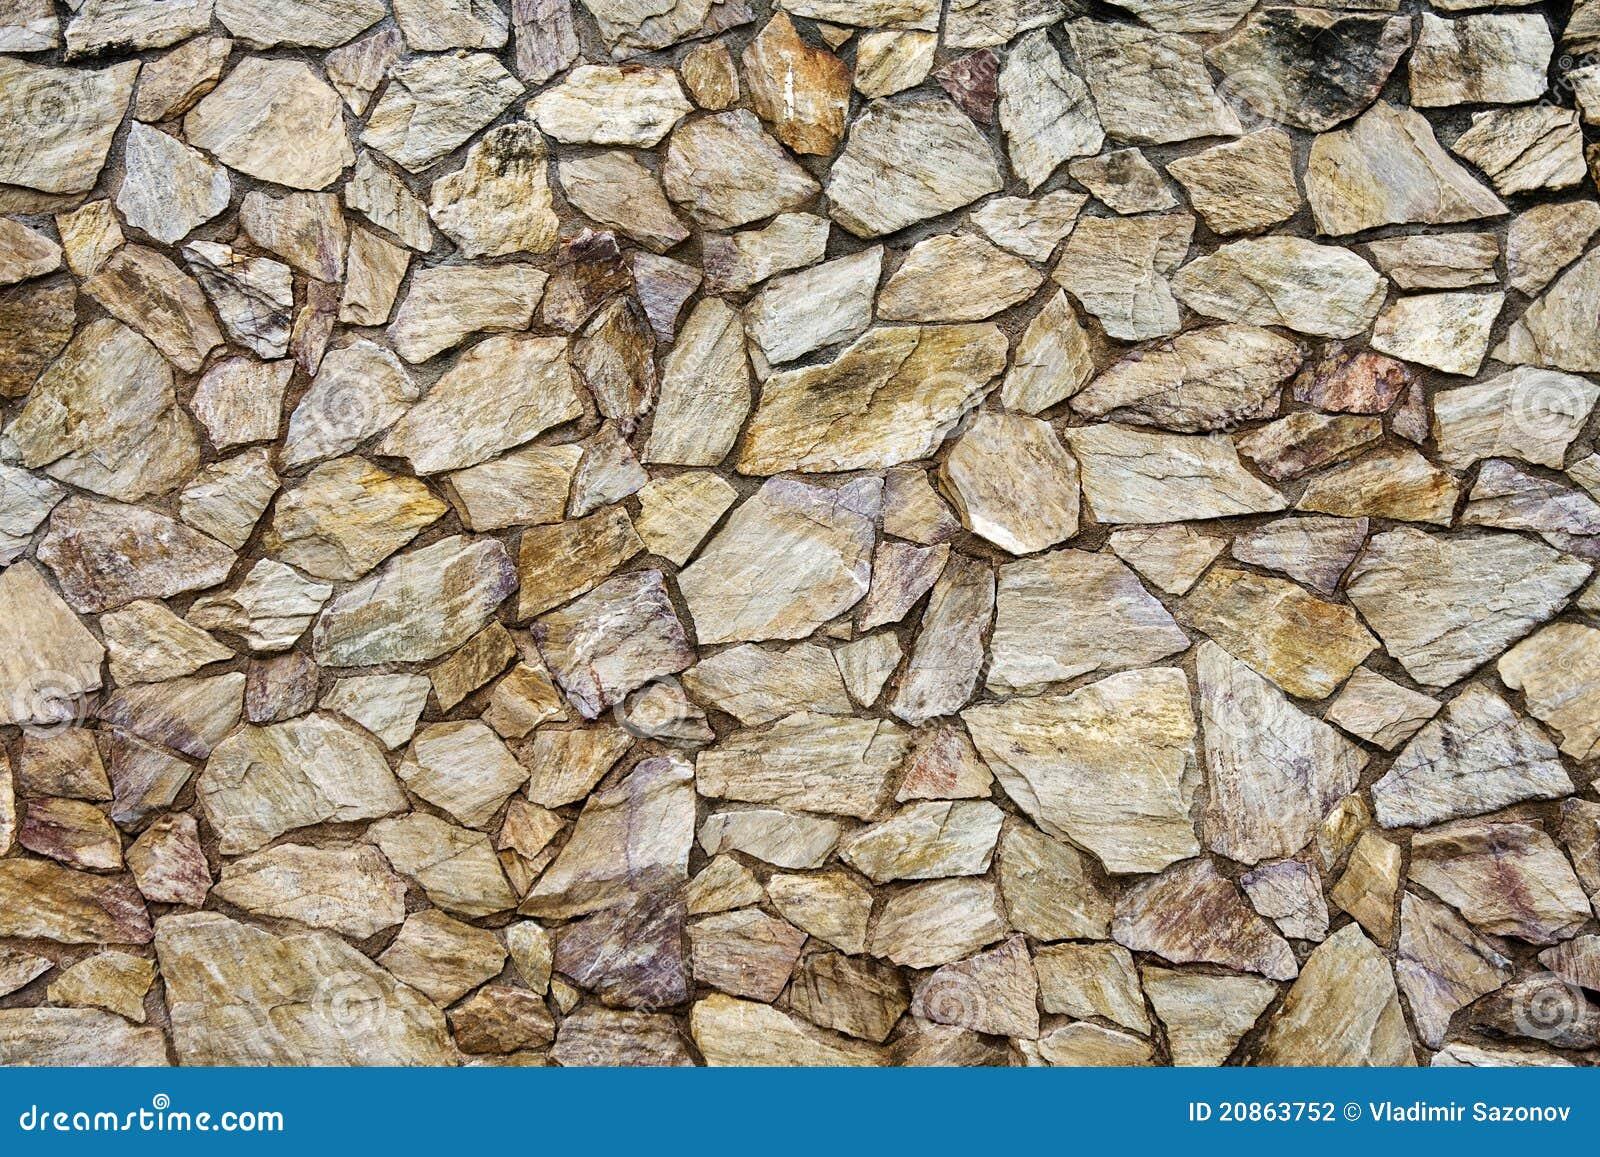 Textura de la pared de piedra foto de archivo imagen de regular fondo 20863752 - Textura pared ...